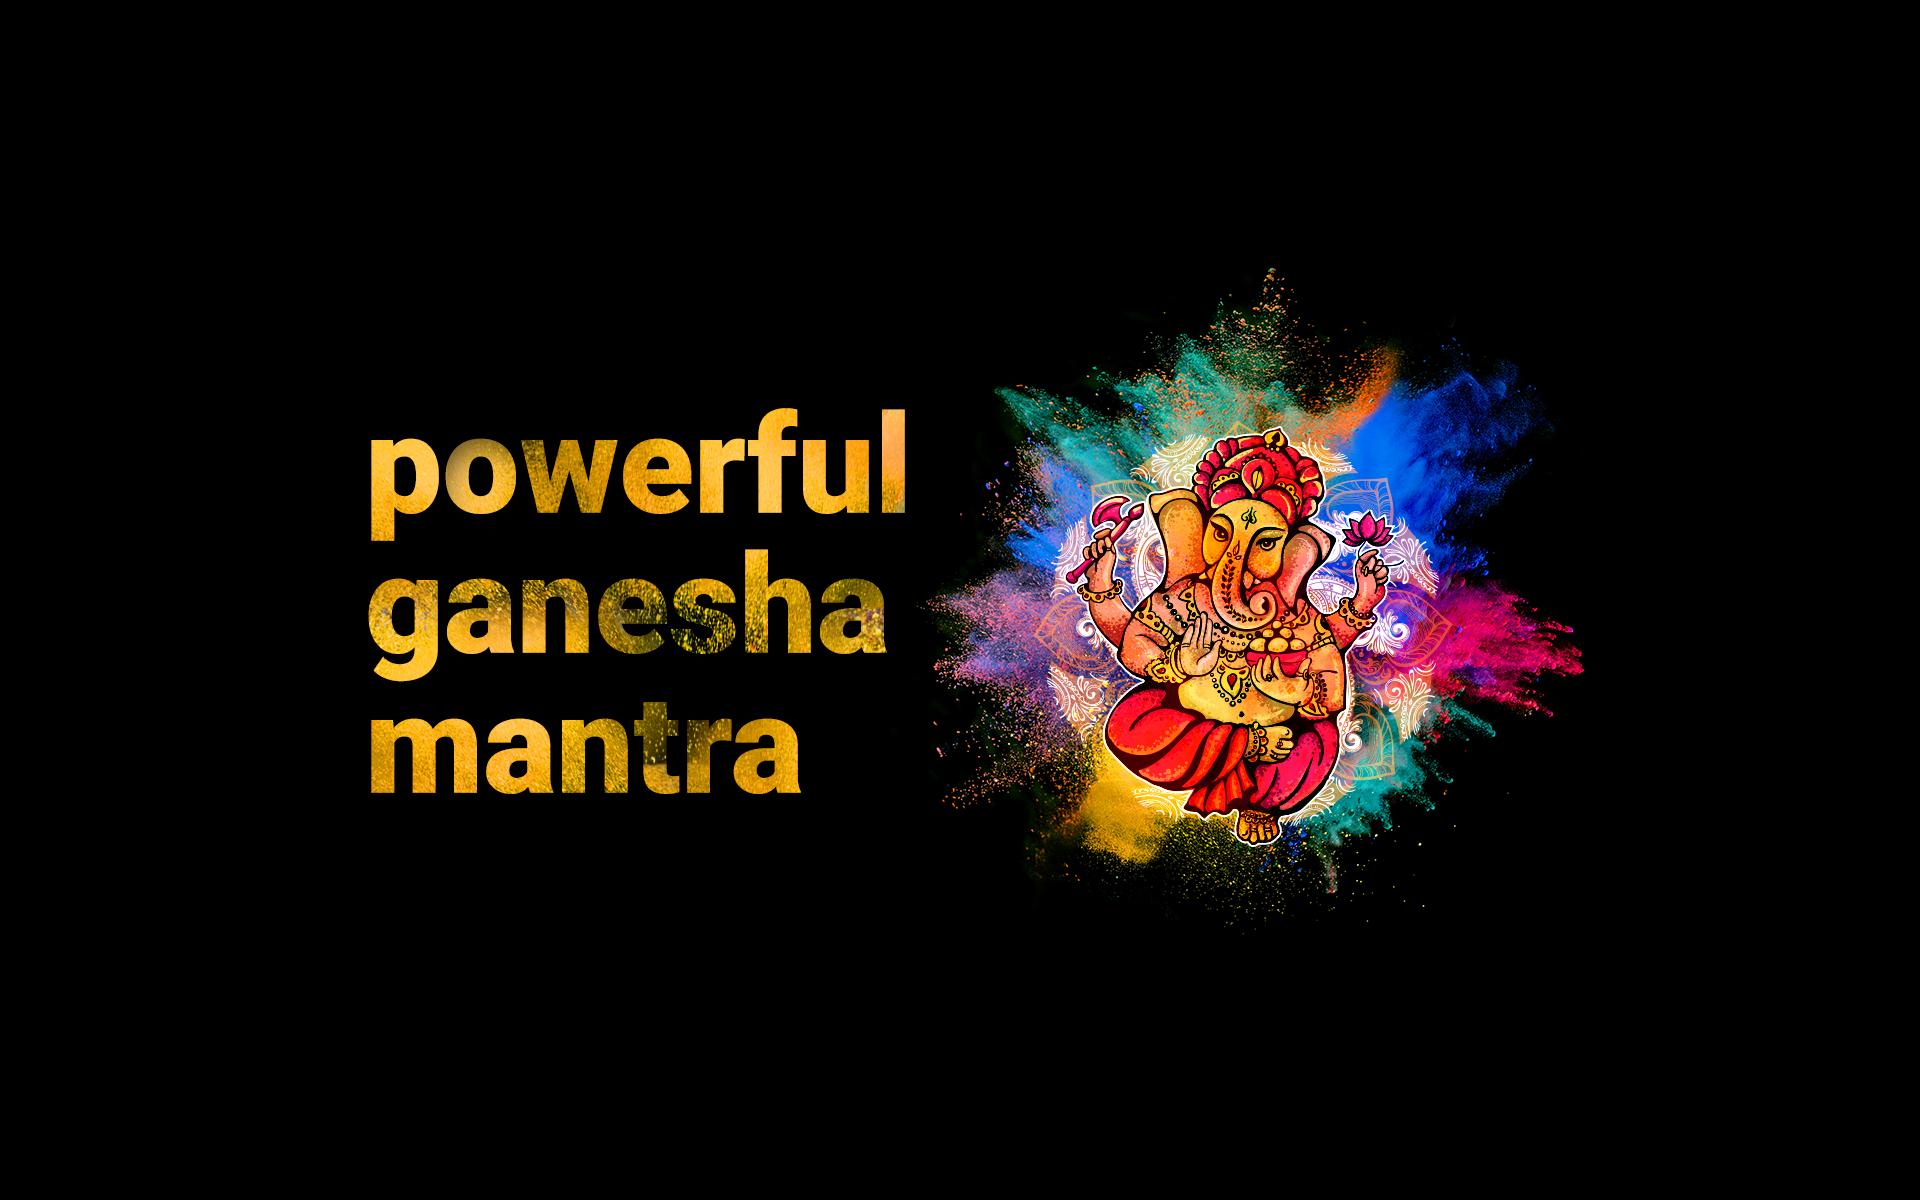 By Photo Congress || Ganesh Maha Mantra Mp3 Download